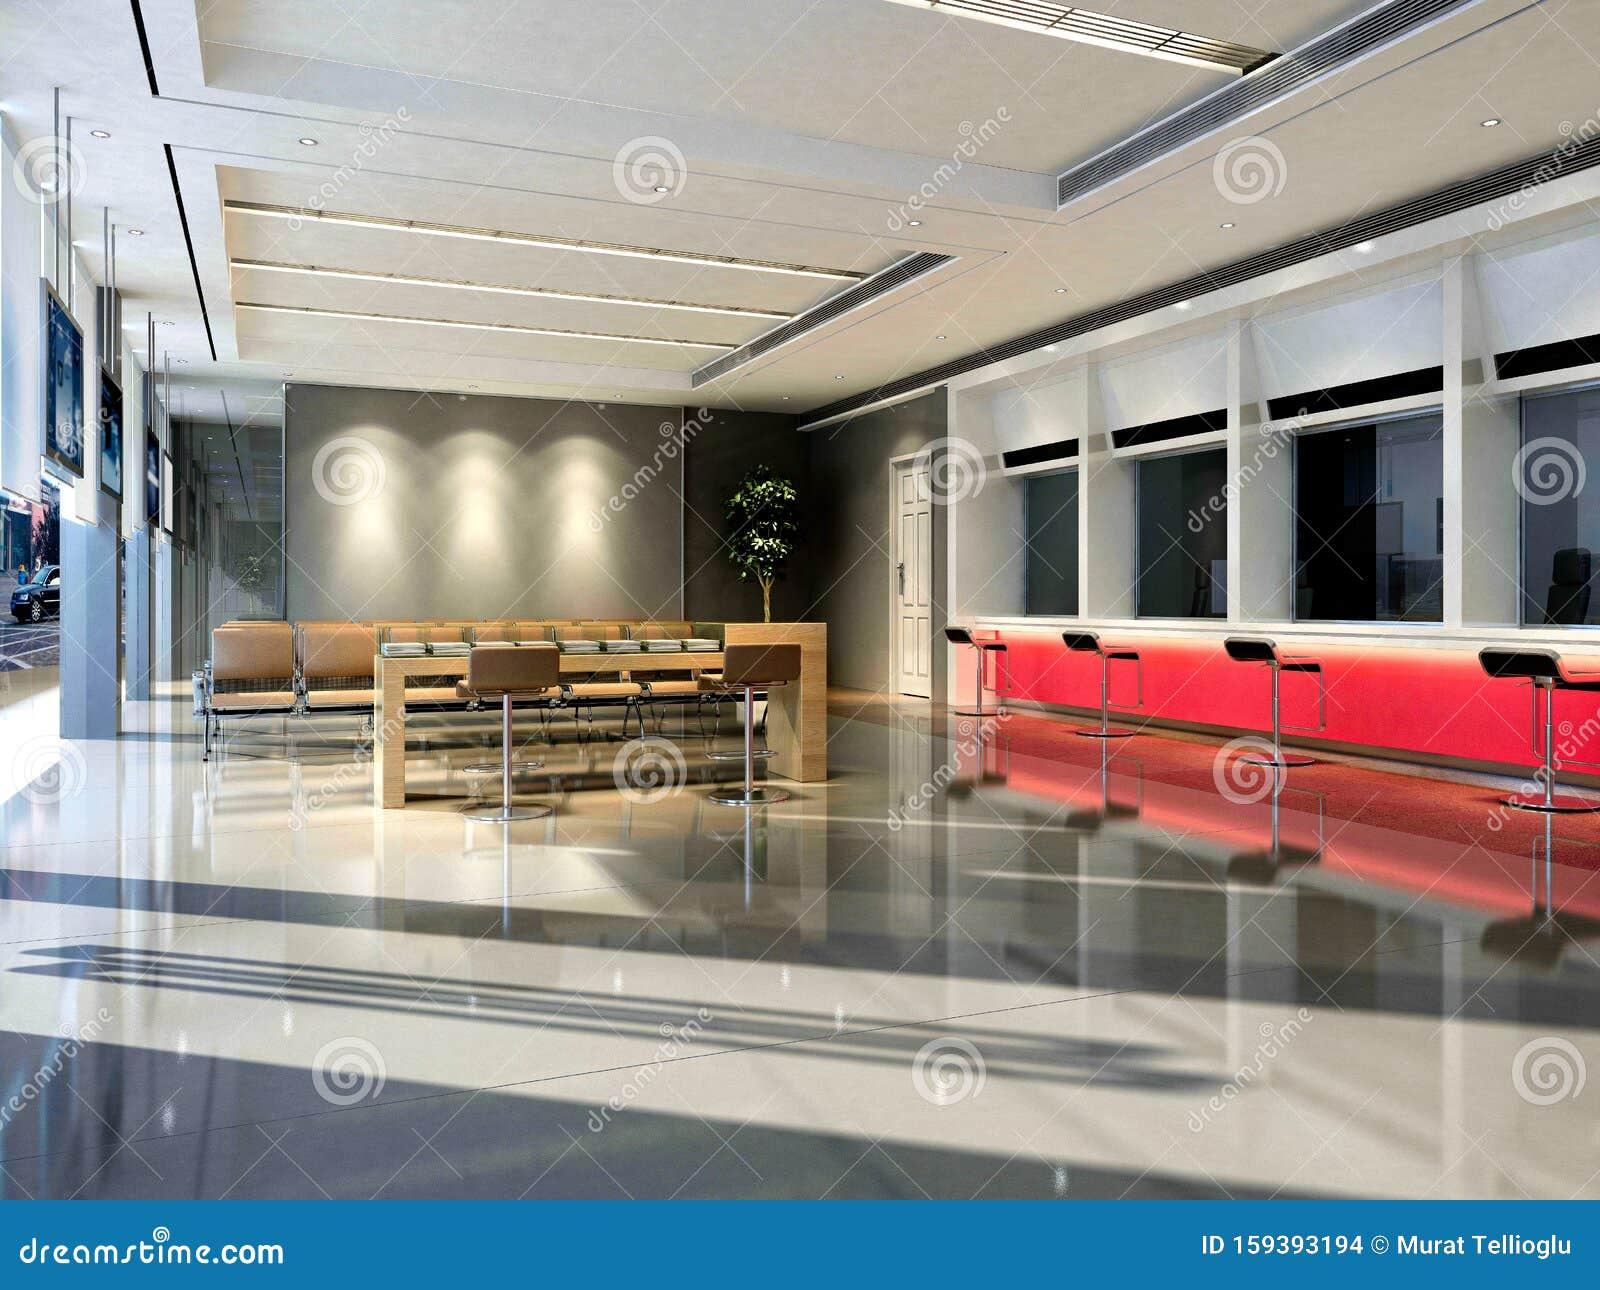 3d Render Of Bank Interior Stock Illustration Illustration Of Corridor 159393194